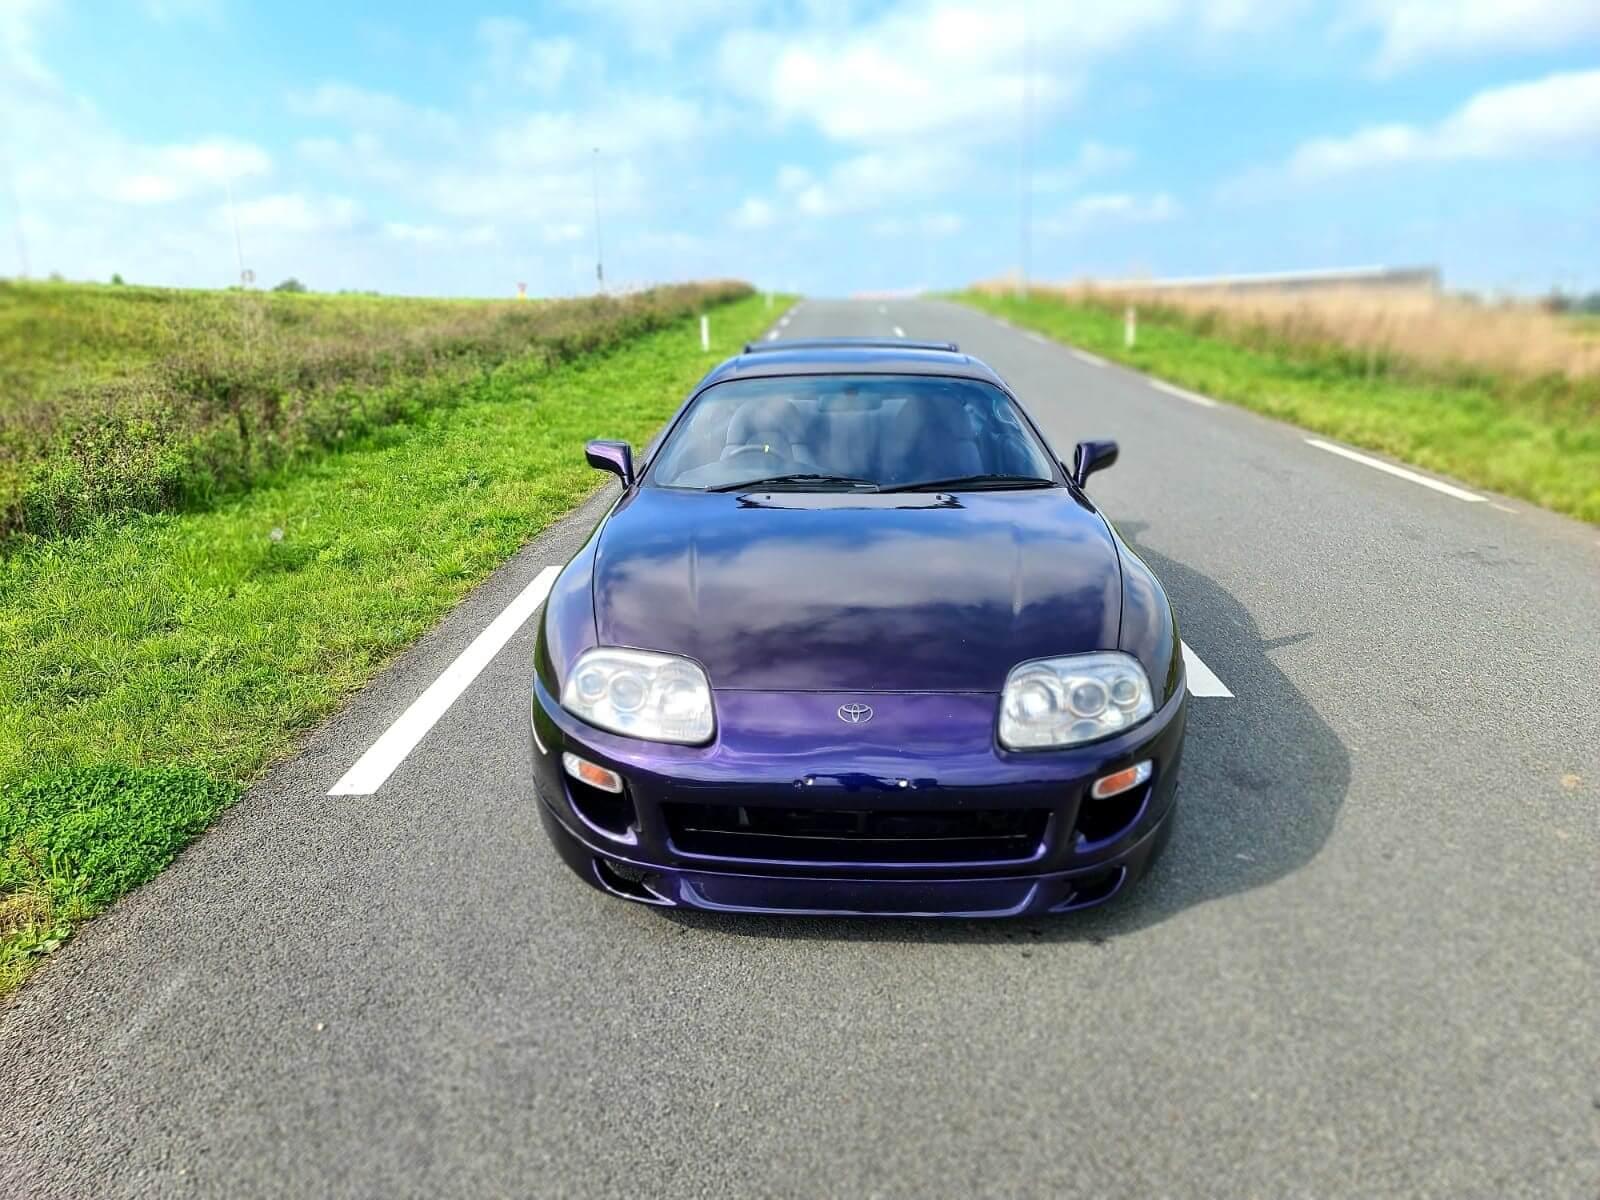 Toyota-Supra-Non-Turbo-W58-5-Speed-4